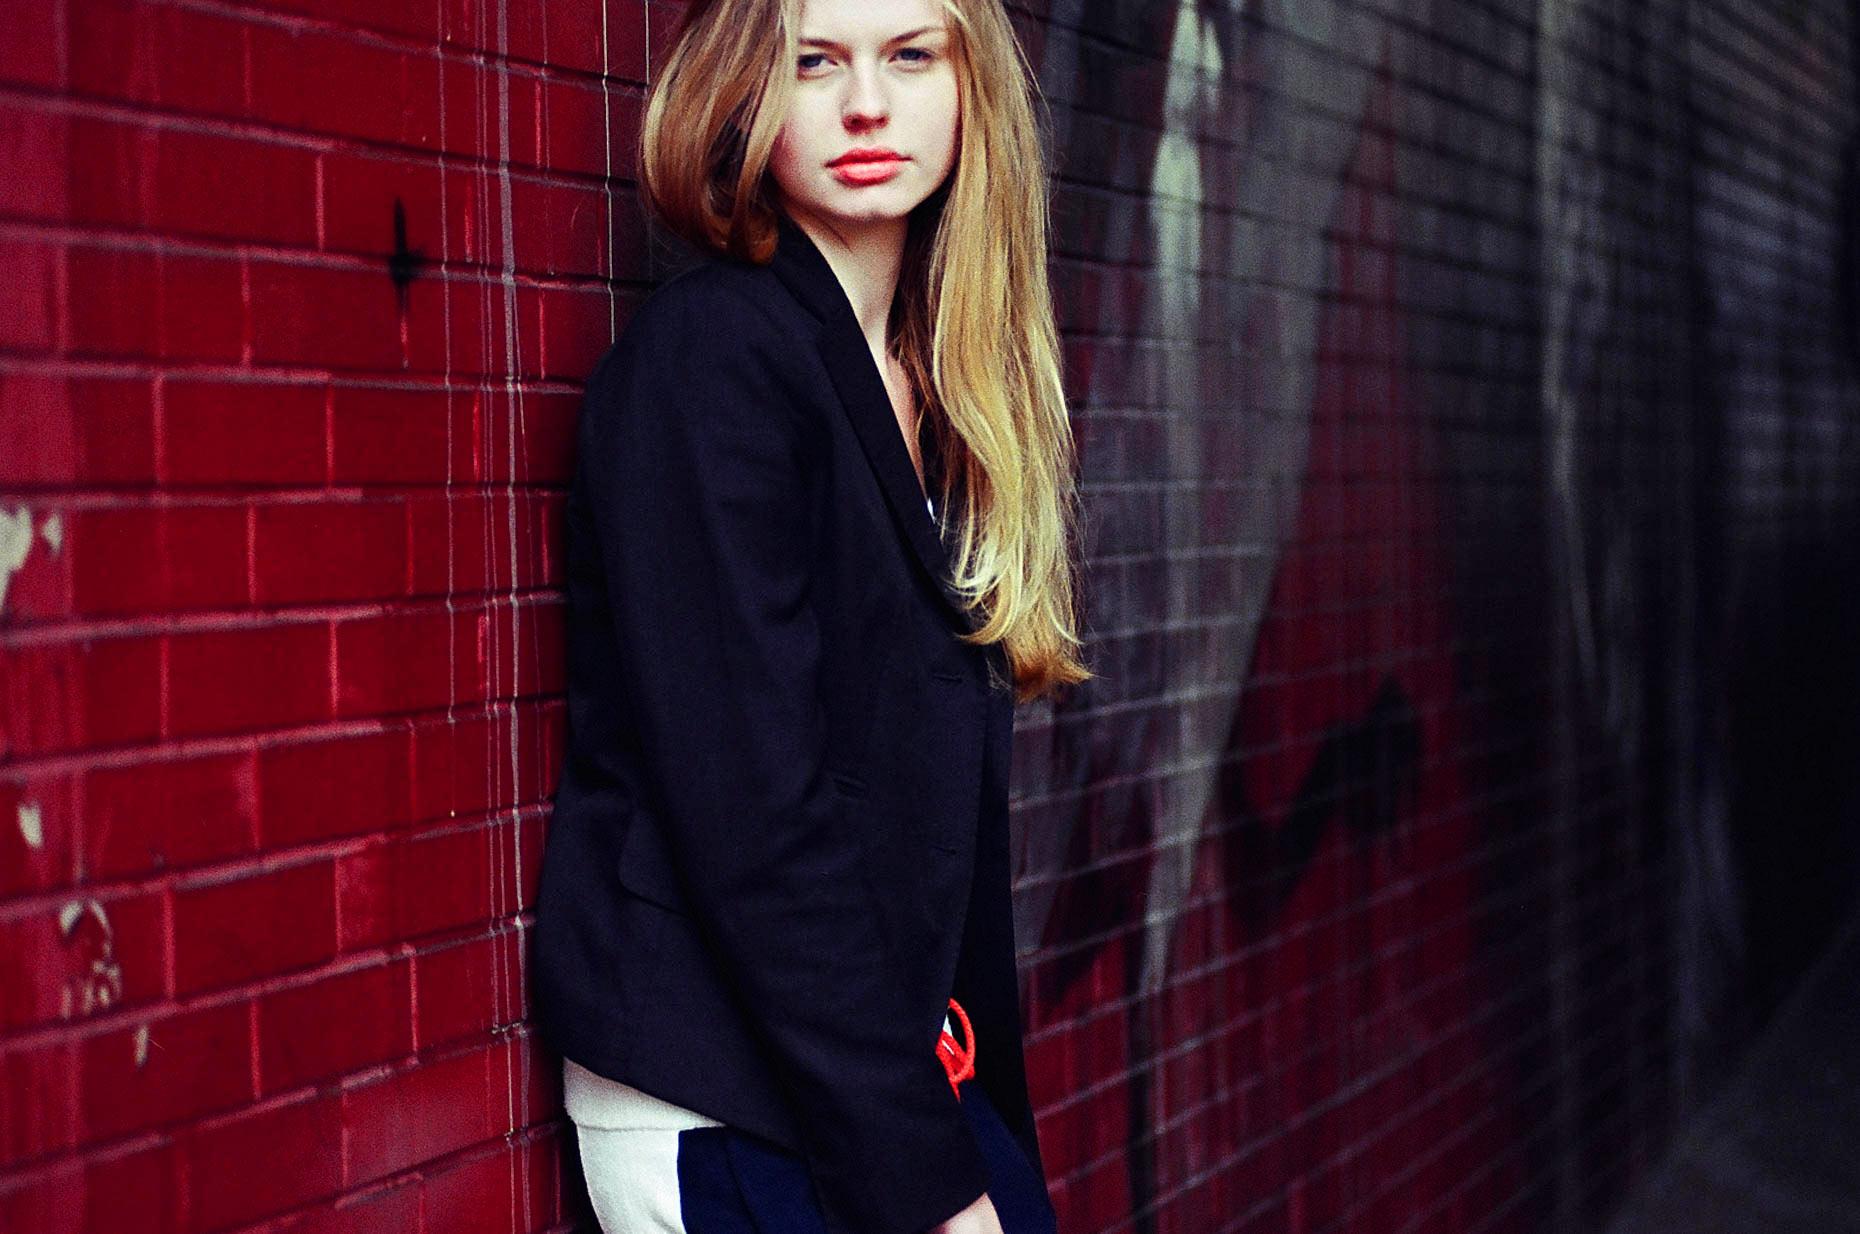 cvmessling_fashion_story9_03.jpg